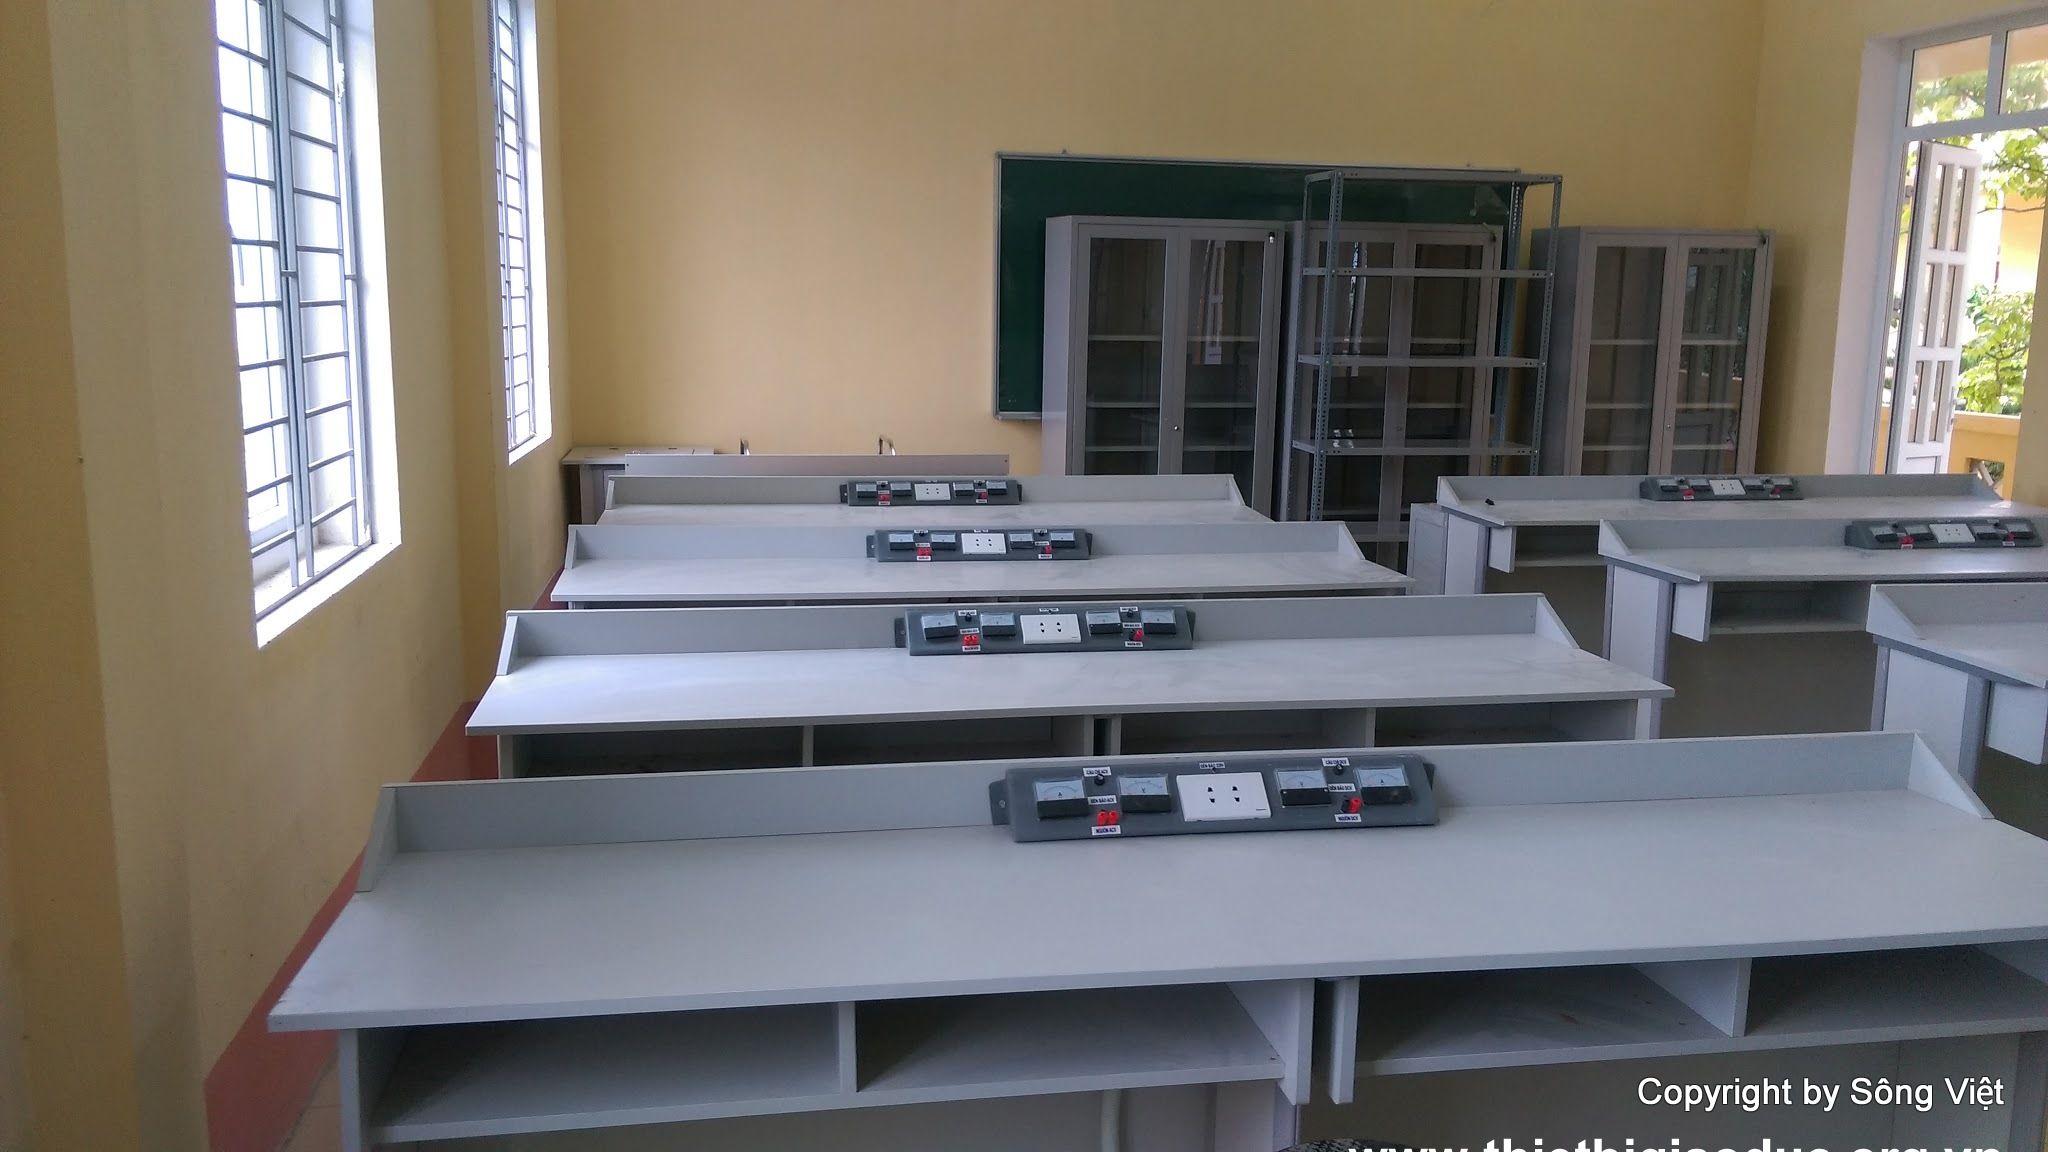 Bàn giao dự án các phòng học chức năng Trường THCS Định Hải - Công ty sản xuất thiết bị giáo dục Sông Việt